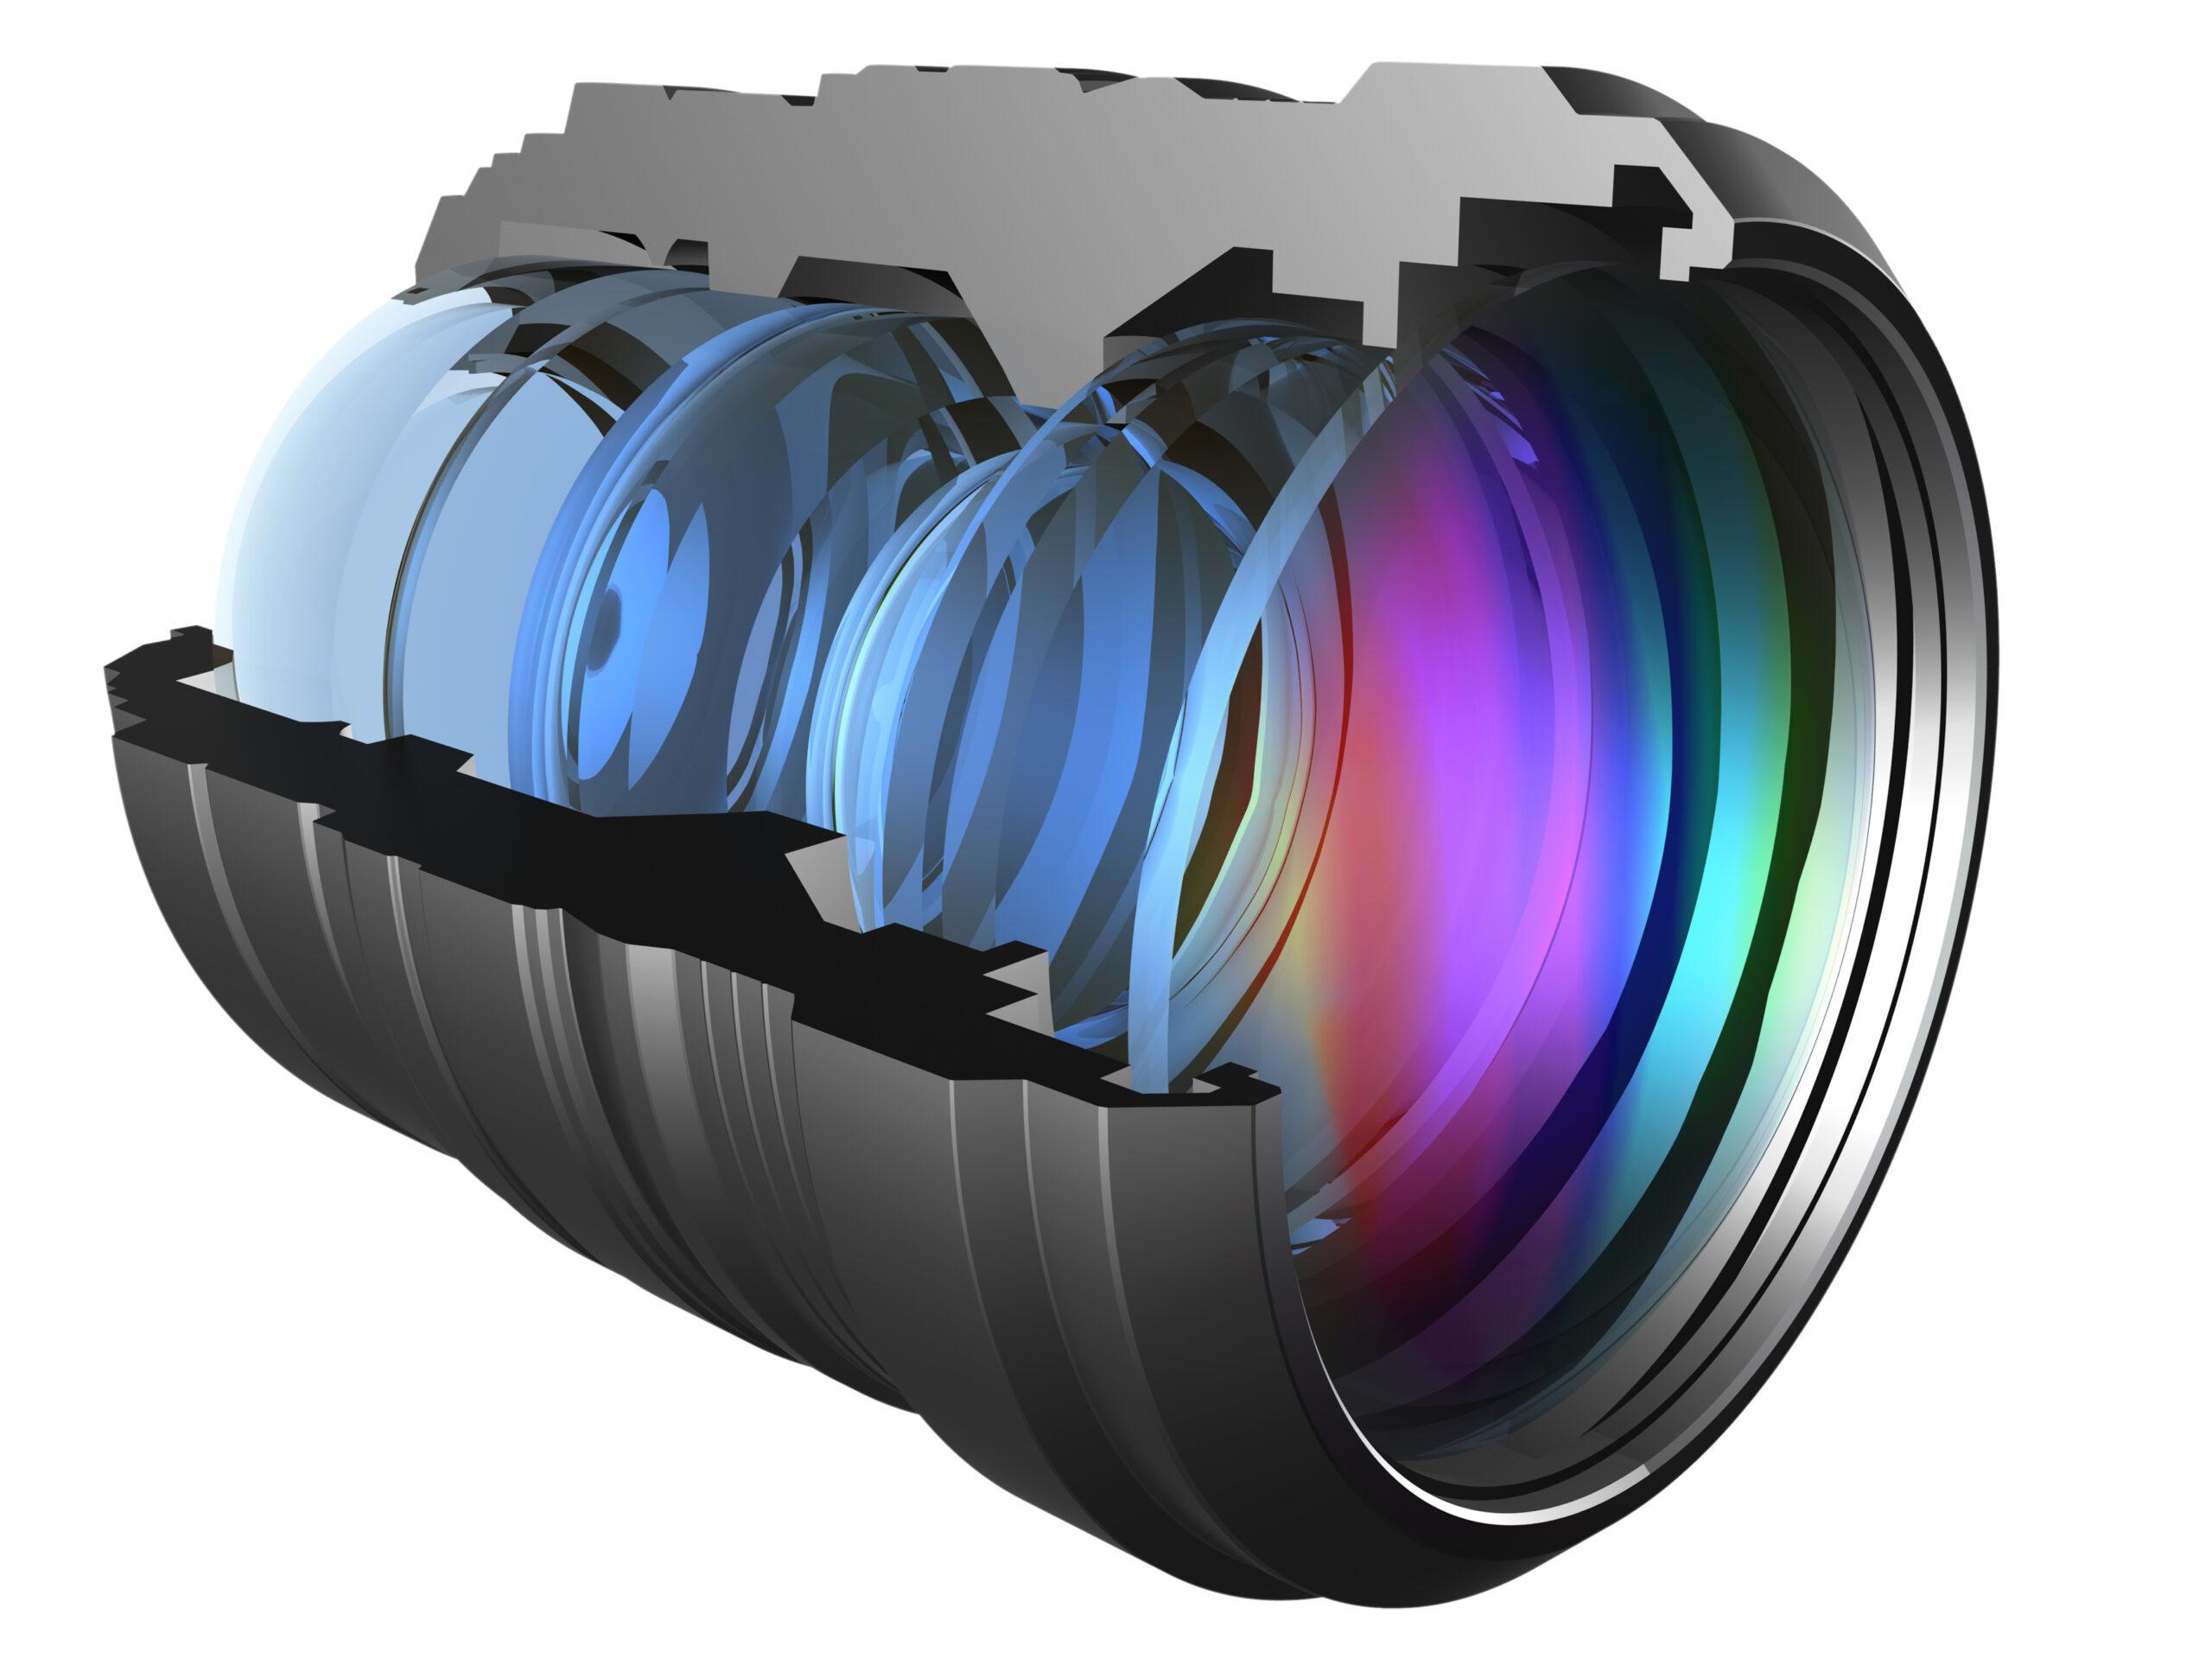 Die Formtreue und damit die Qualität der asphärischen Linsen zu prüfen, stellt Optikhersteller vor Herausforderungen. Es gilt, kleinste Formabweichung im Nanometerbereich zu messen und dabei auch noch möglichst effizient zu arbeiten. Bild: Yakobschuk Vasy/Shutterstock.com